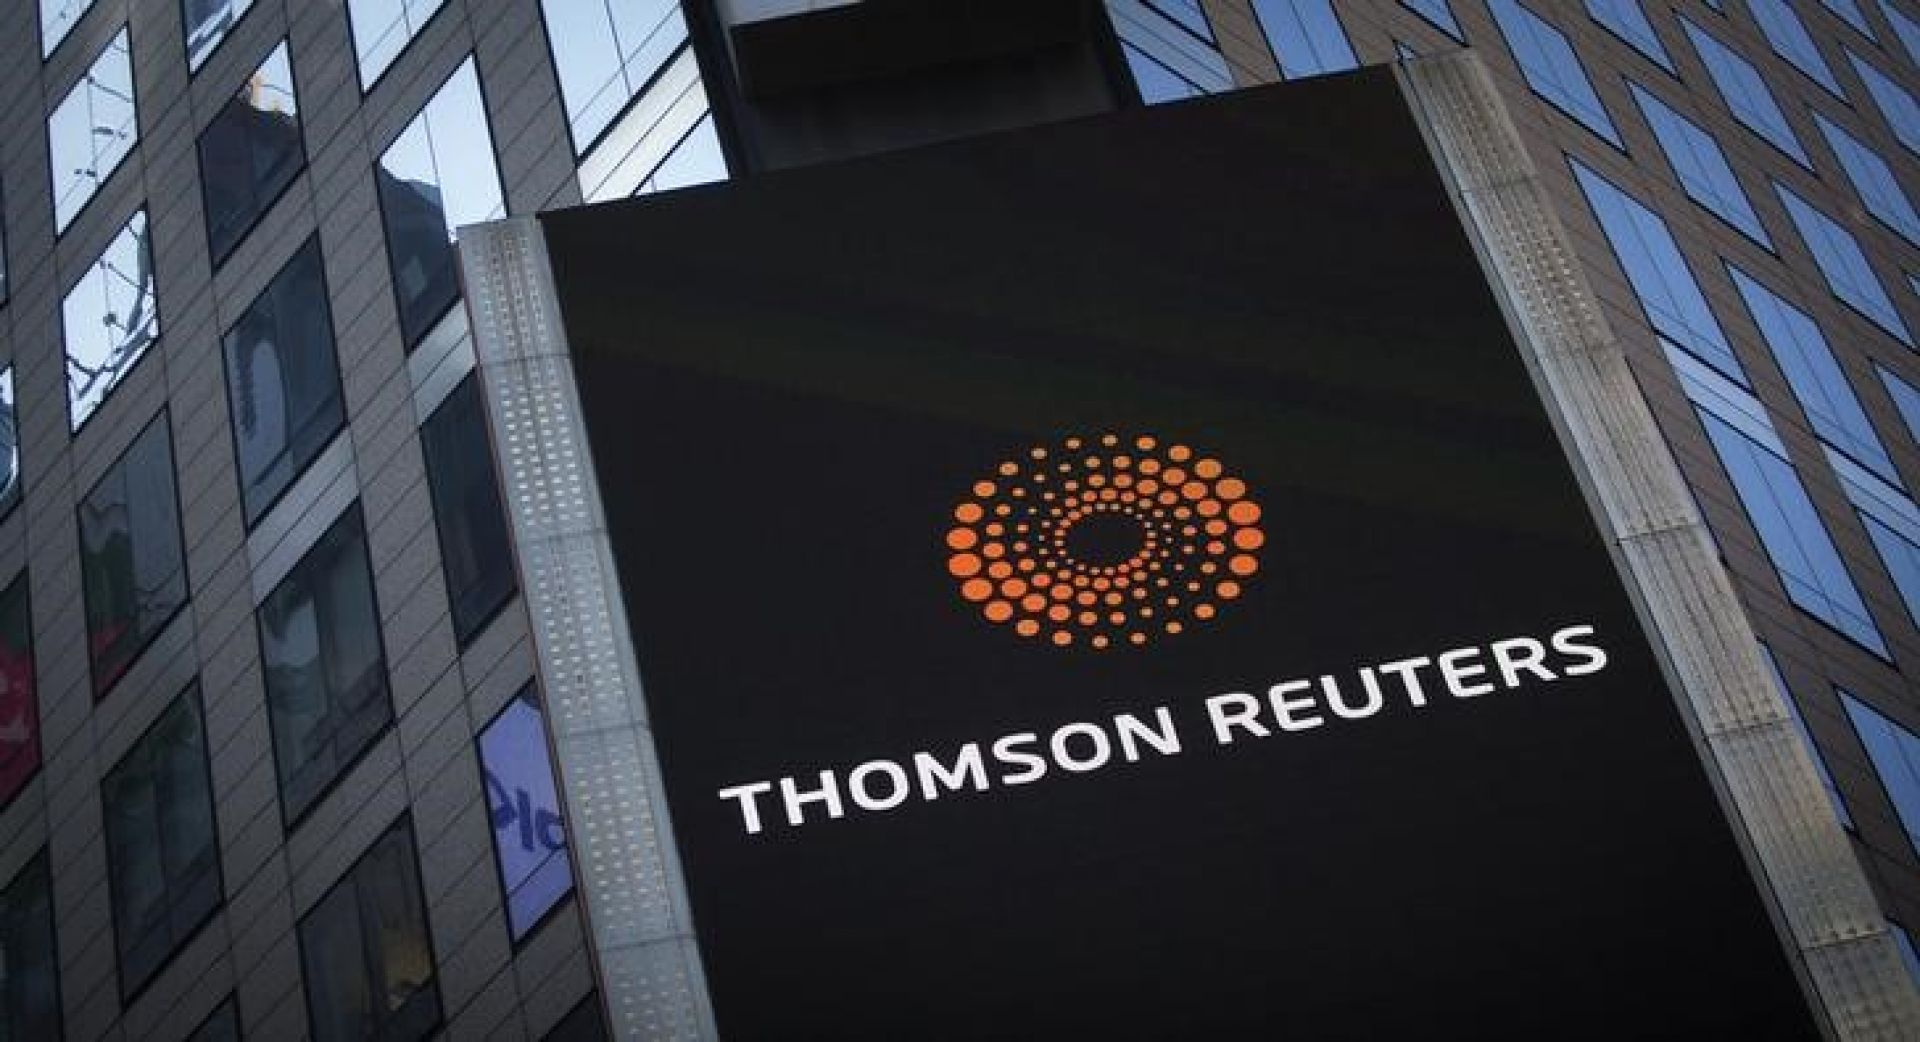 Türkiye'de basının hali: Reuters'in Esad yalanına balıklama atlayanlar